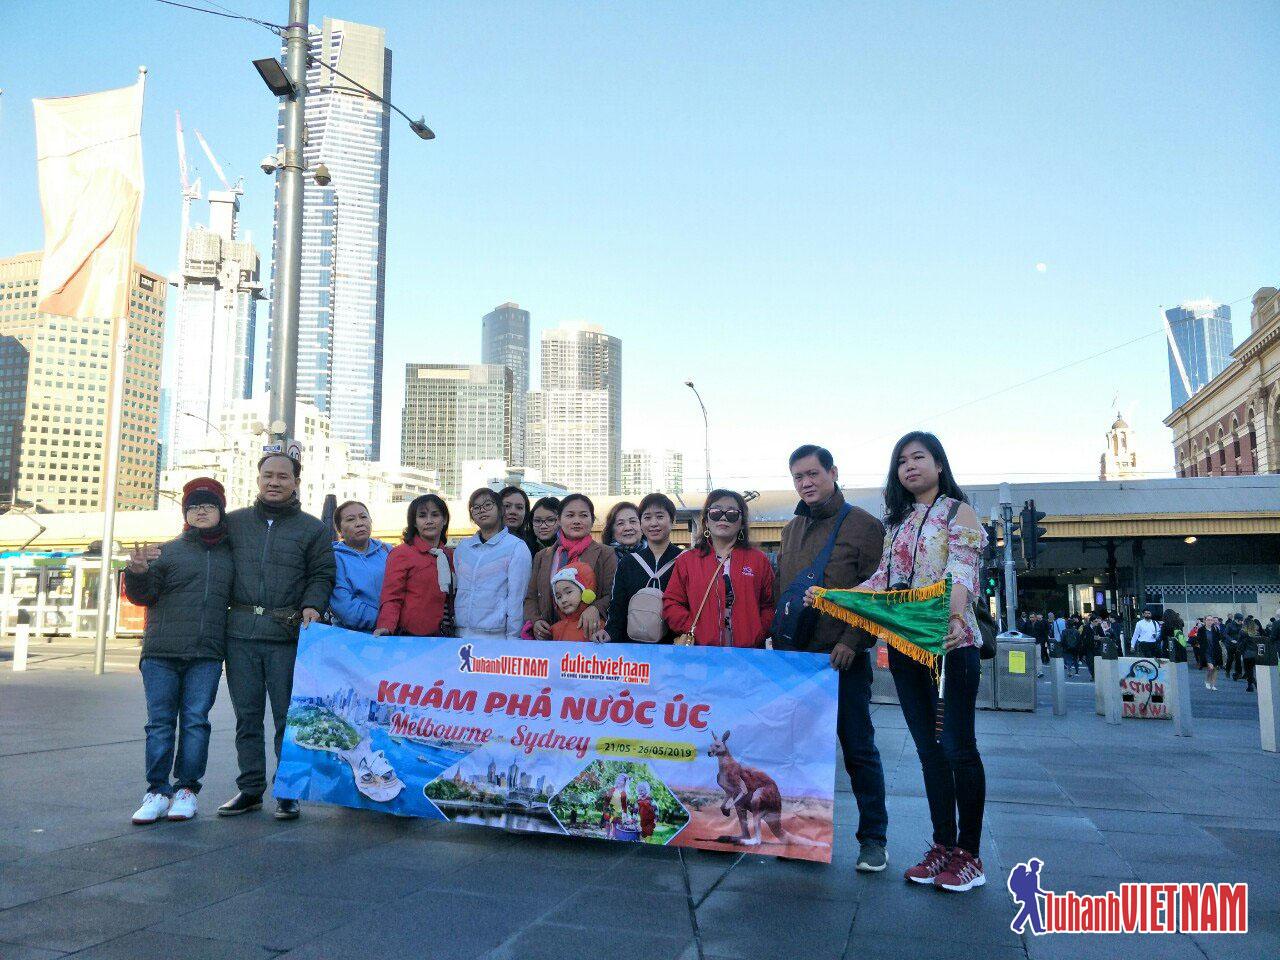 Đoàn khách Lữ Hành Việt Nam đi du lịch Úc